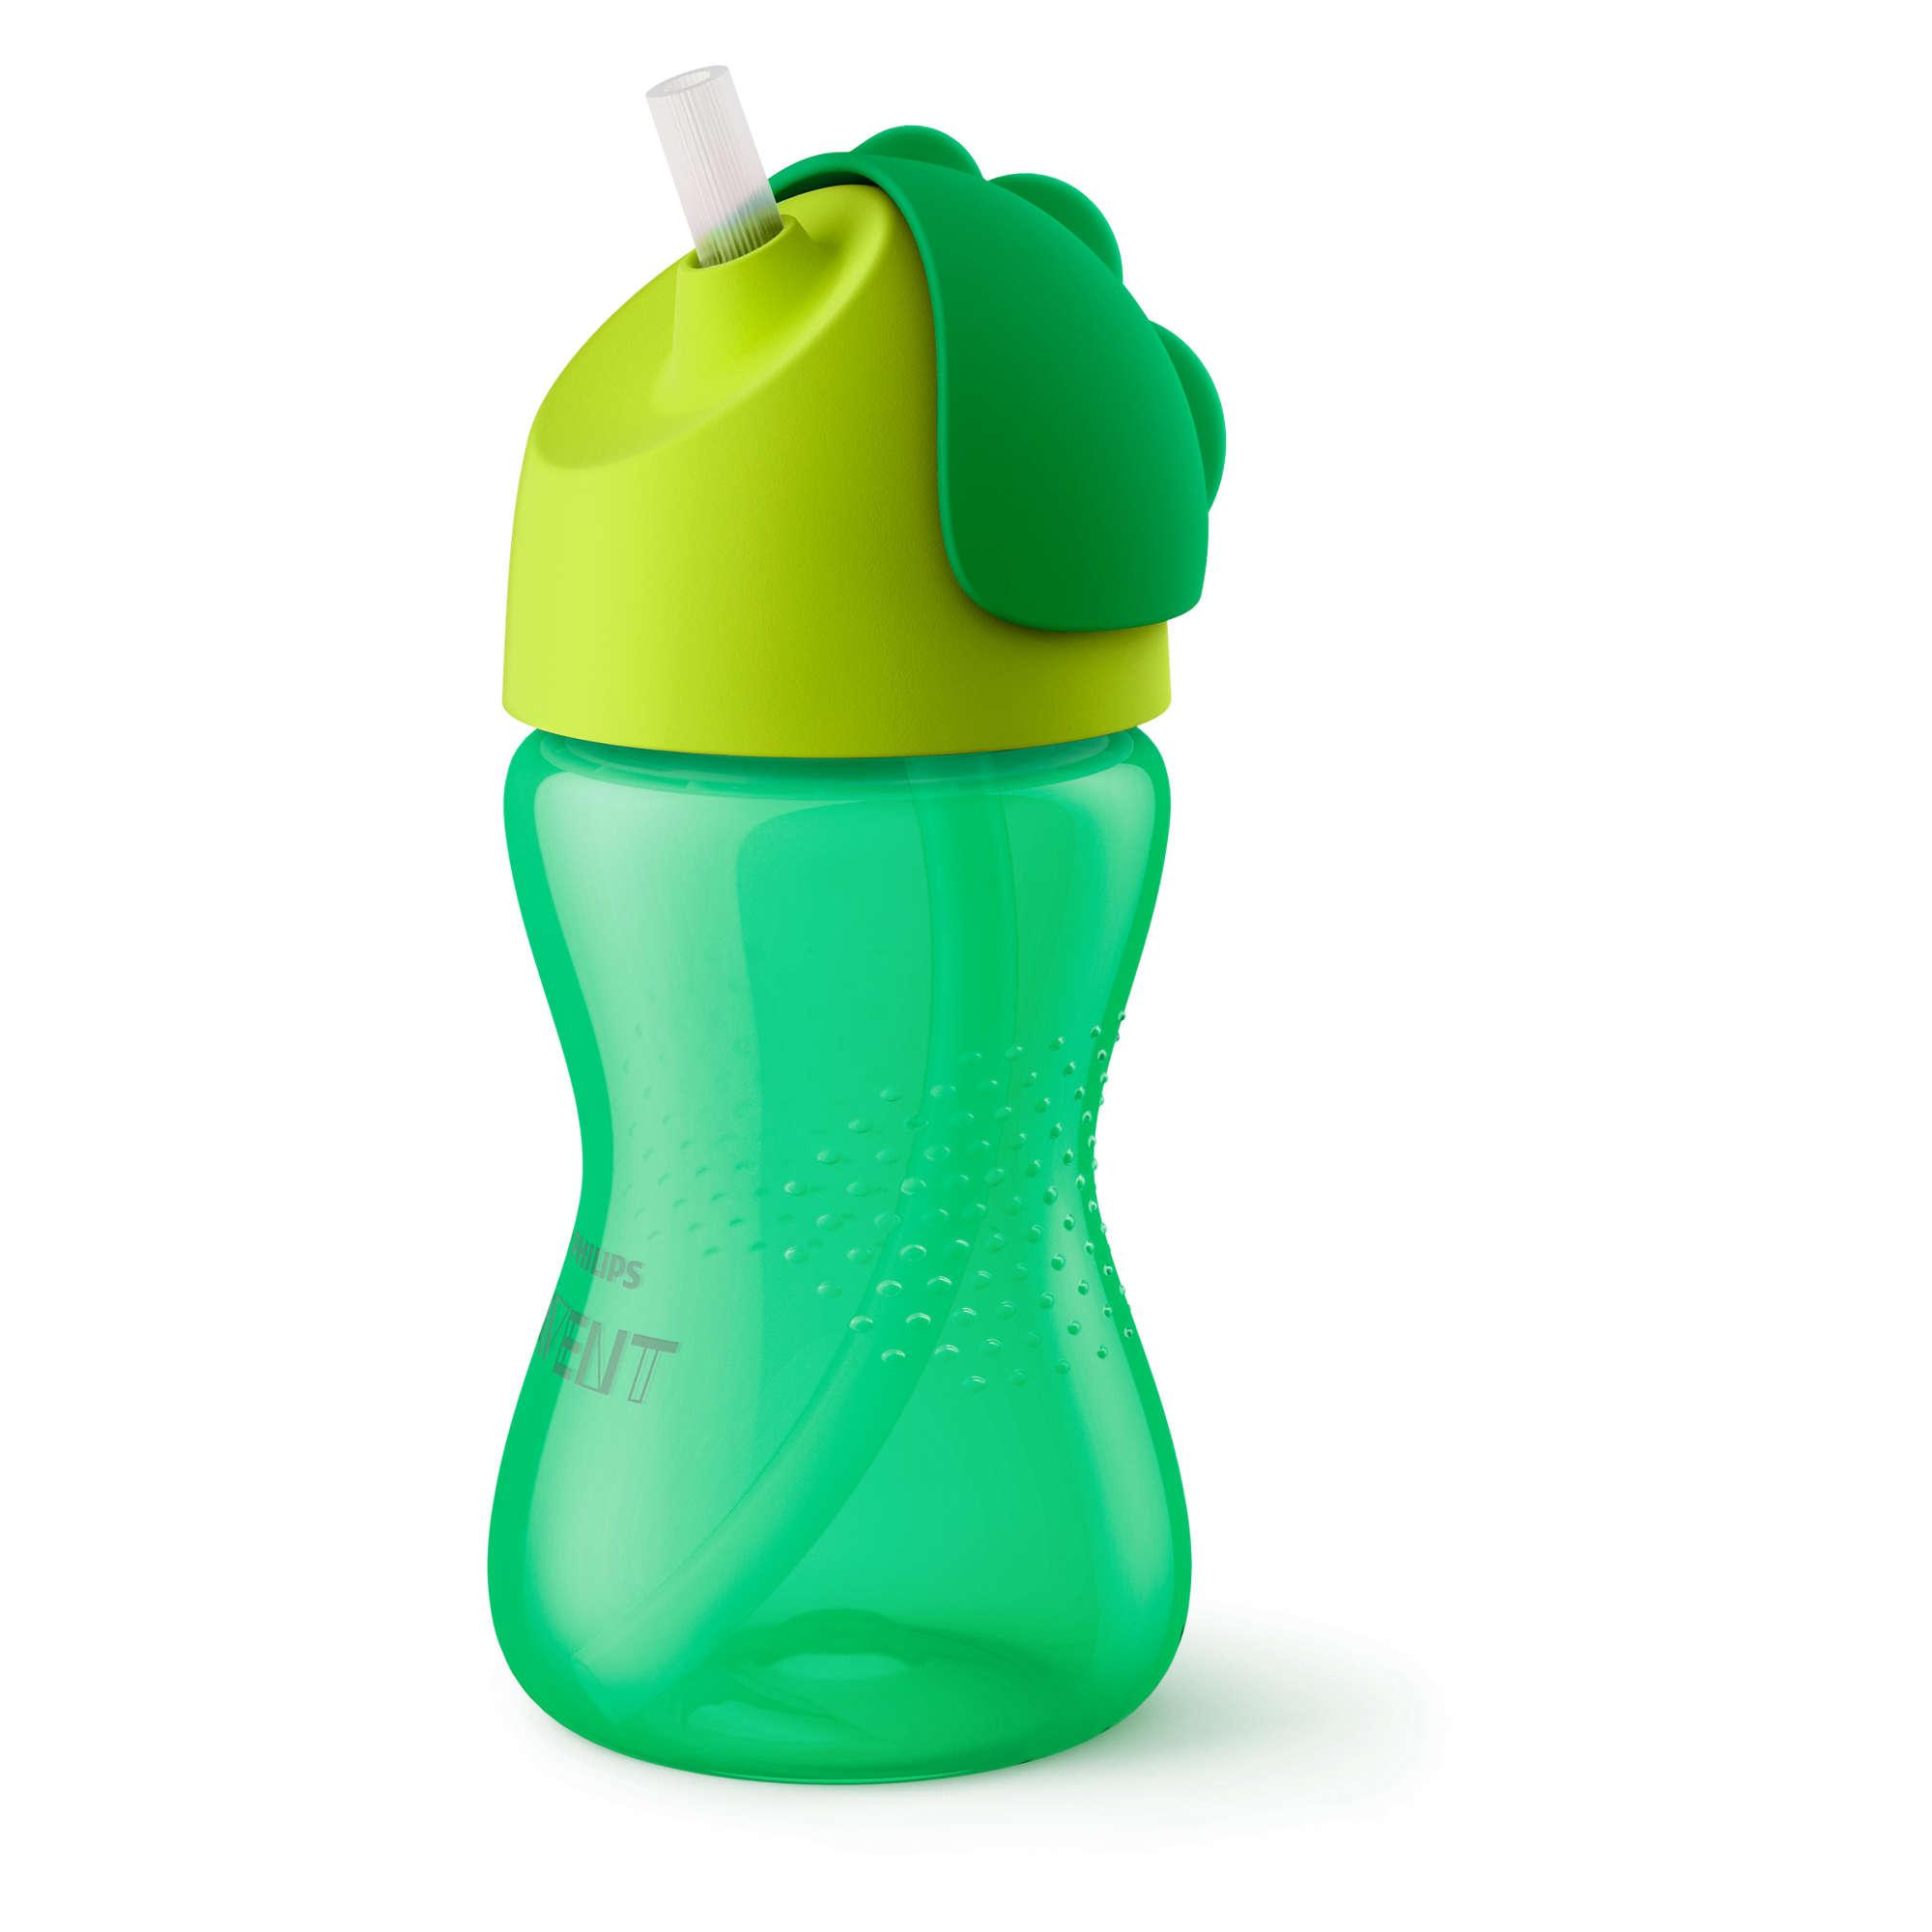 AVENT Krūzīte ar elastīgu salmiņu, 300 ml, 12M+, zaļa SCF 798/01 piederumi bērnu barošanai